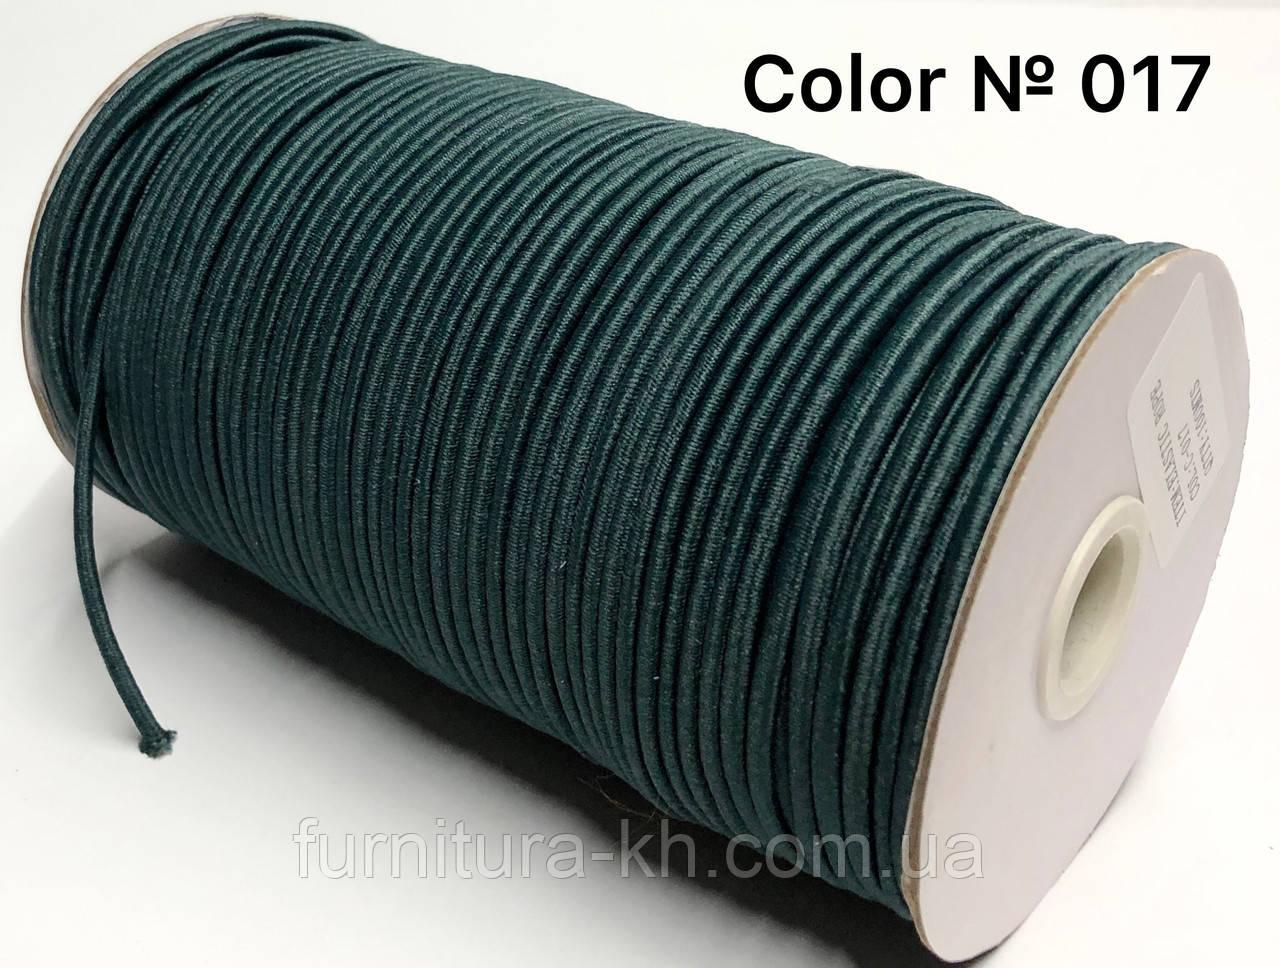 """Шляпная резинка """"Круглая резинка""""  толщина 3 мм цвет Темно-Зеленый"""